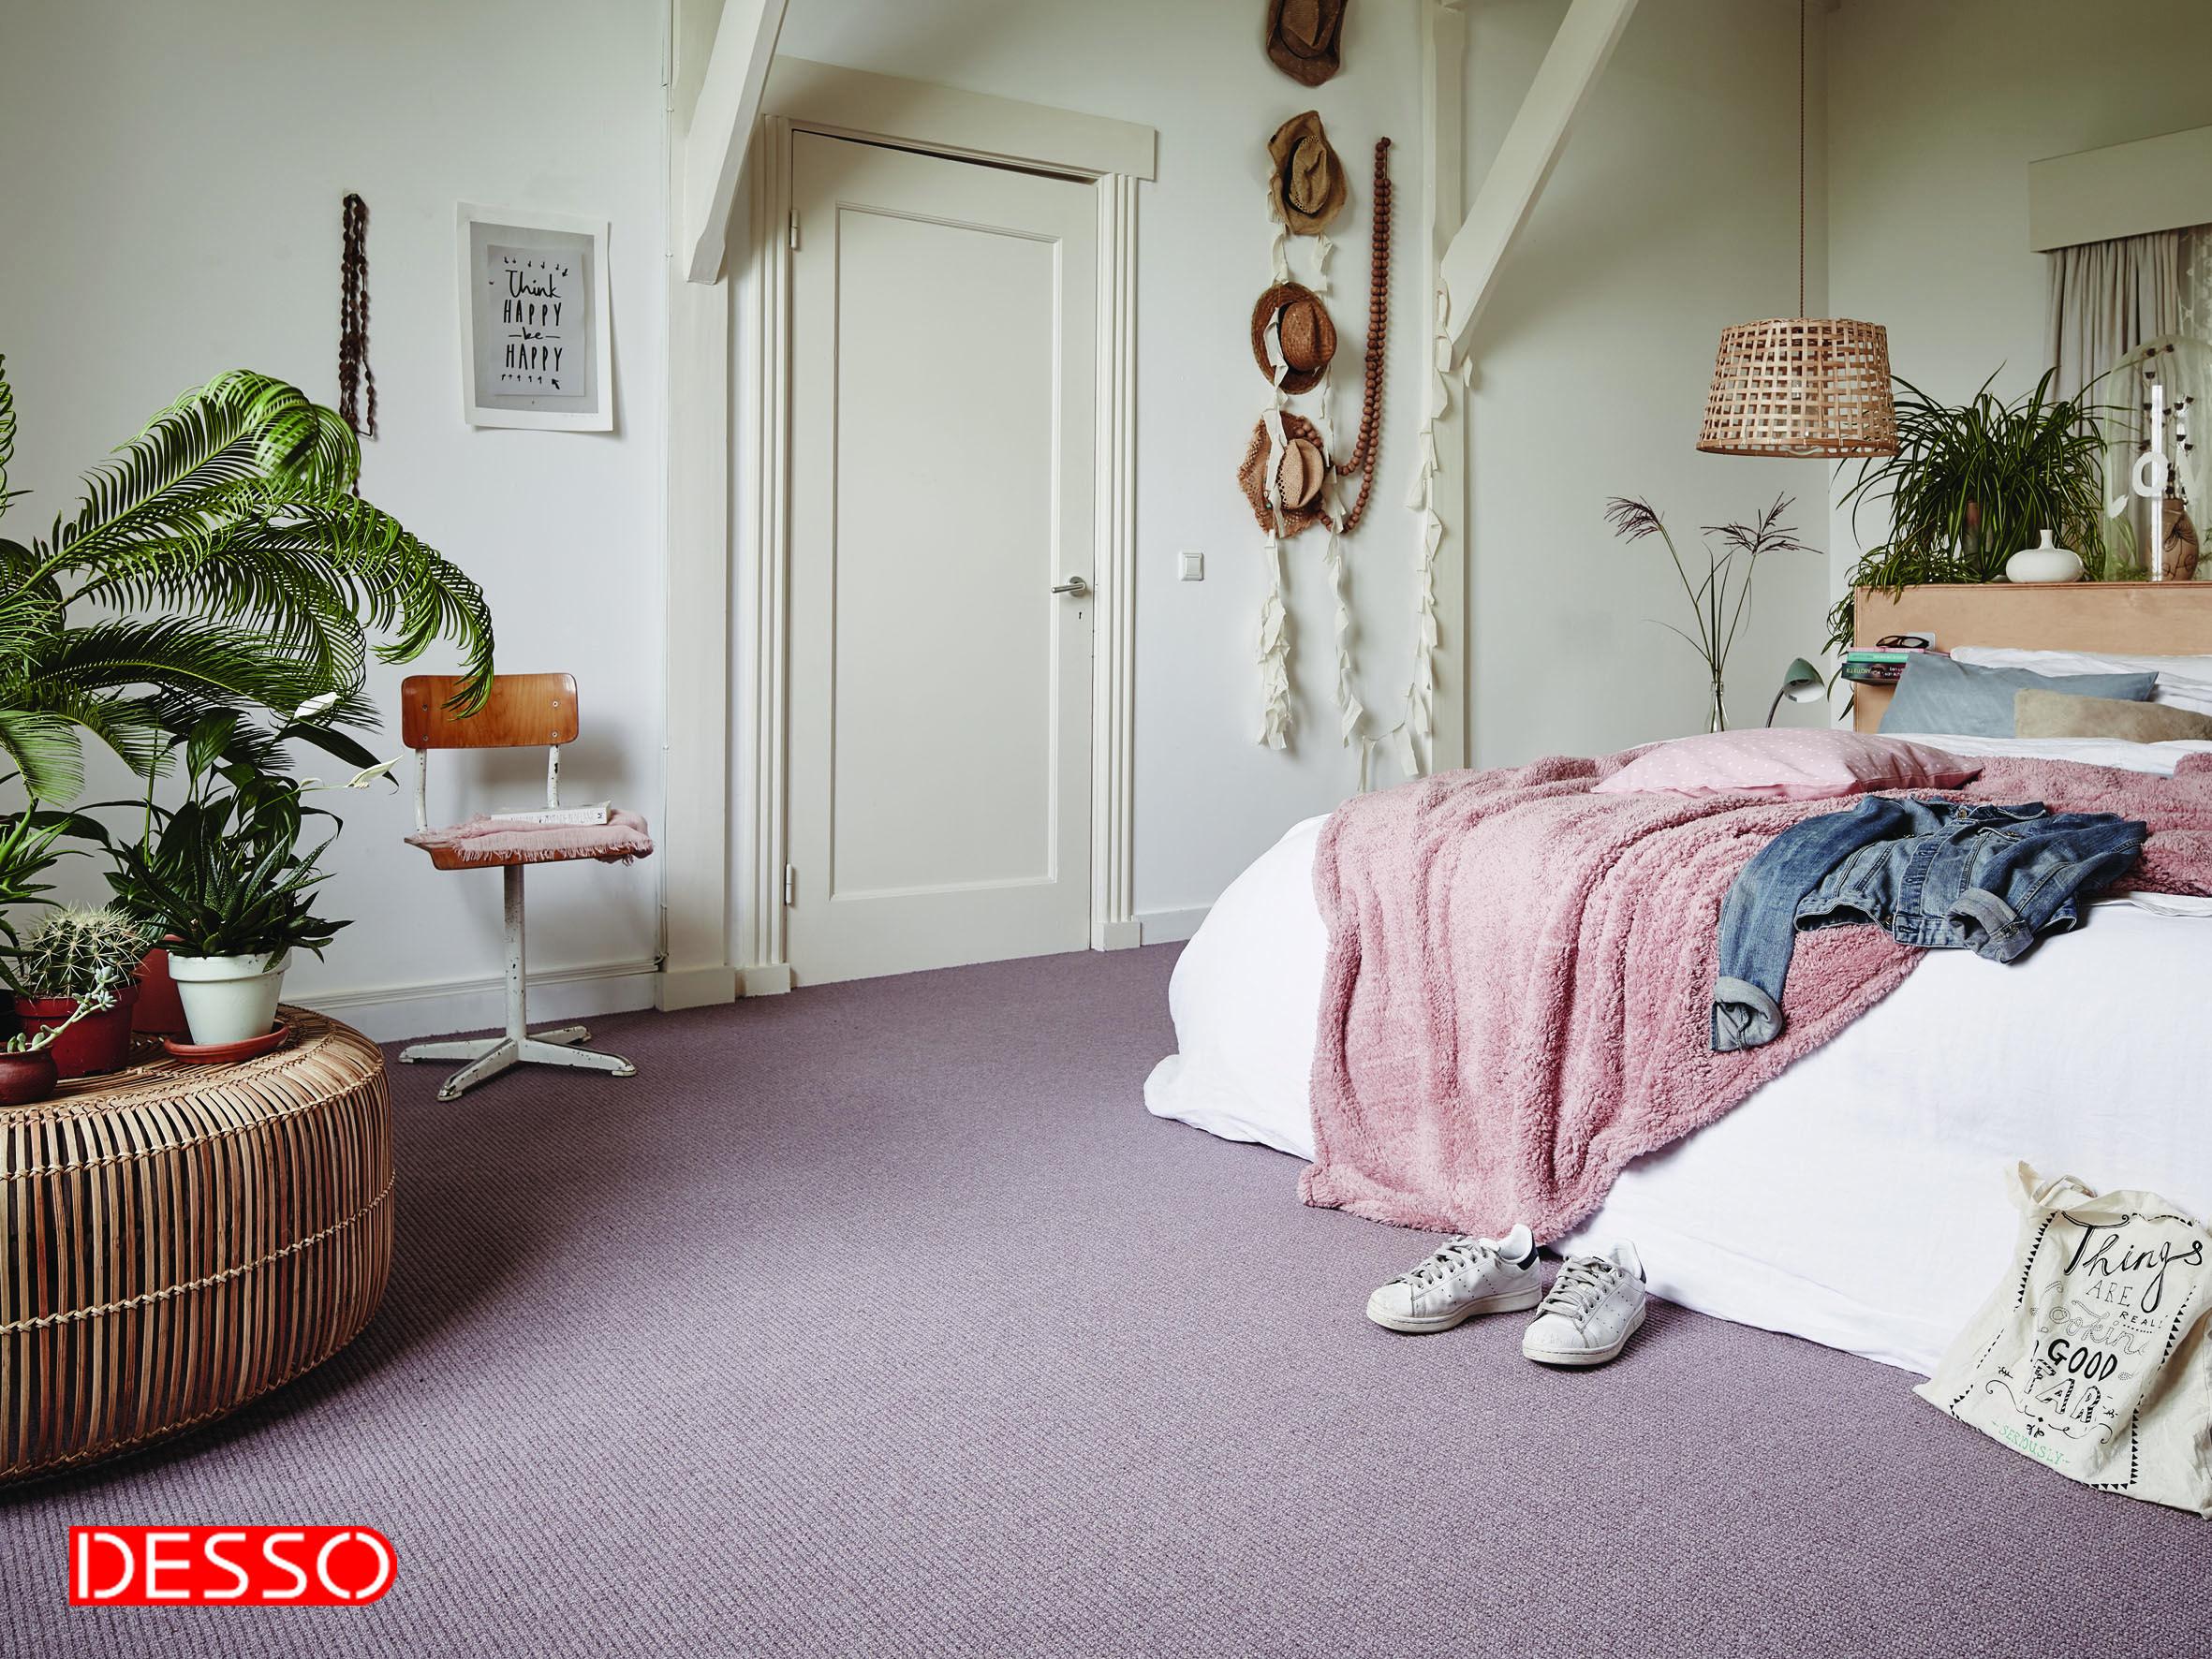 Desso studio nature is te koop bij kok wonen en lifestyle www